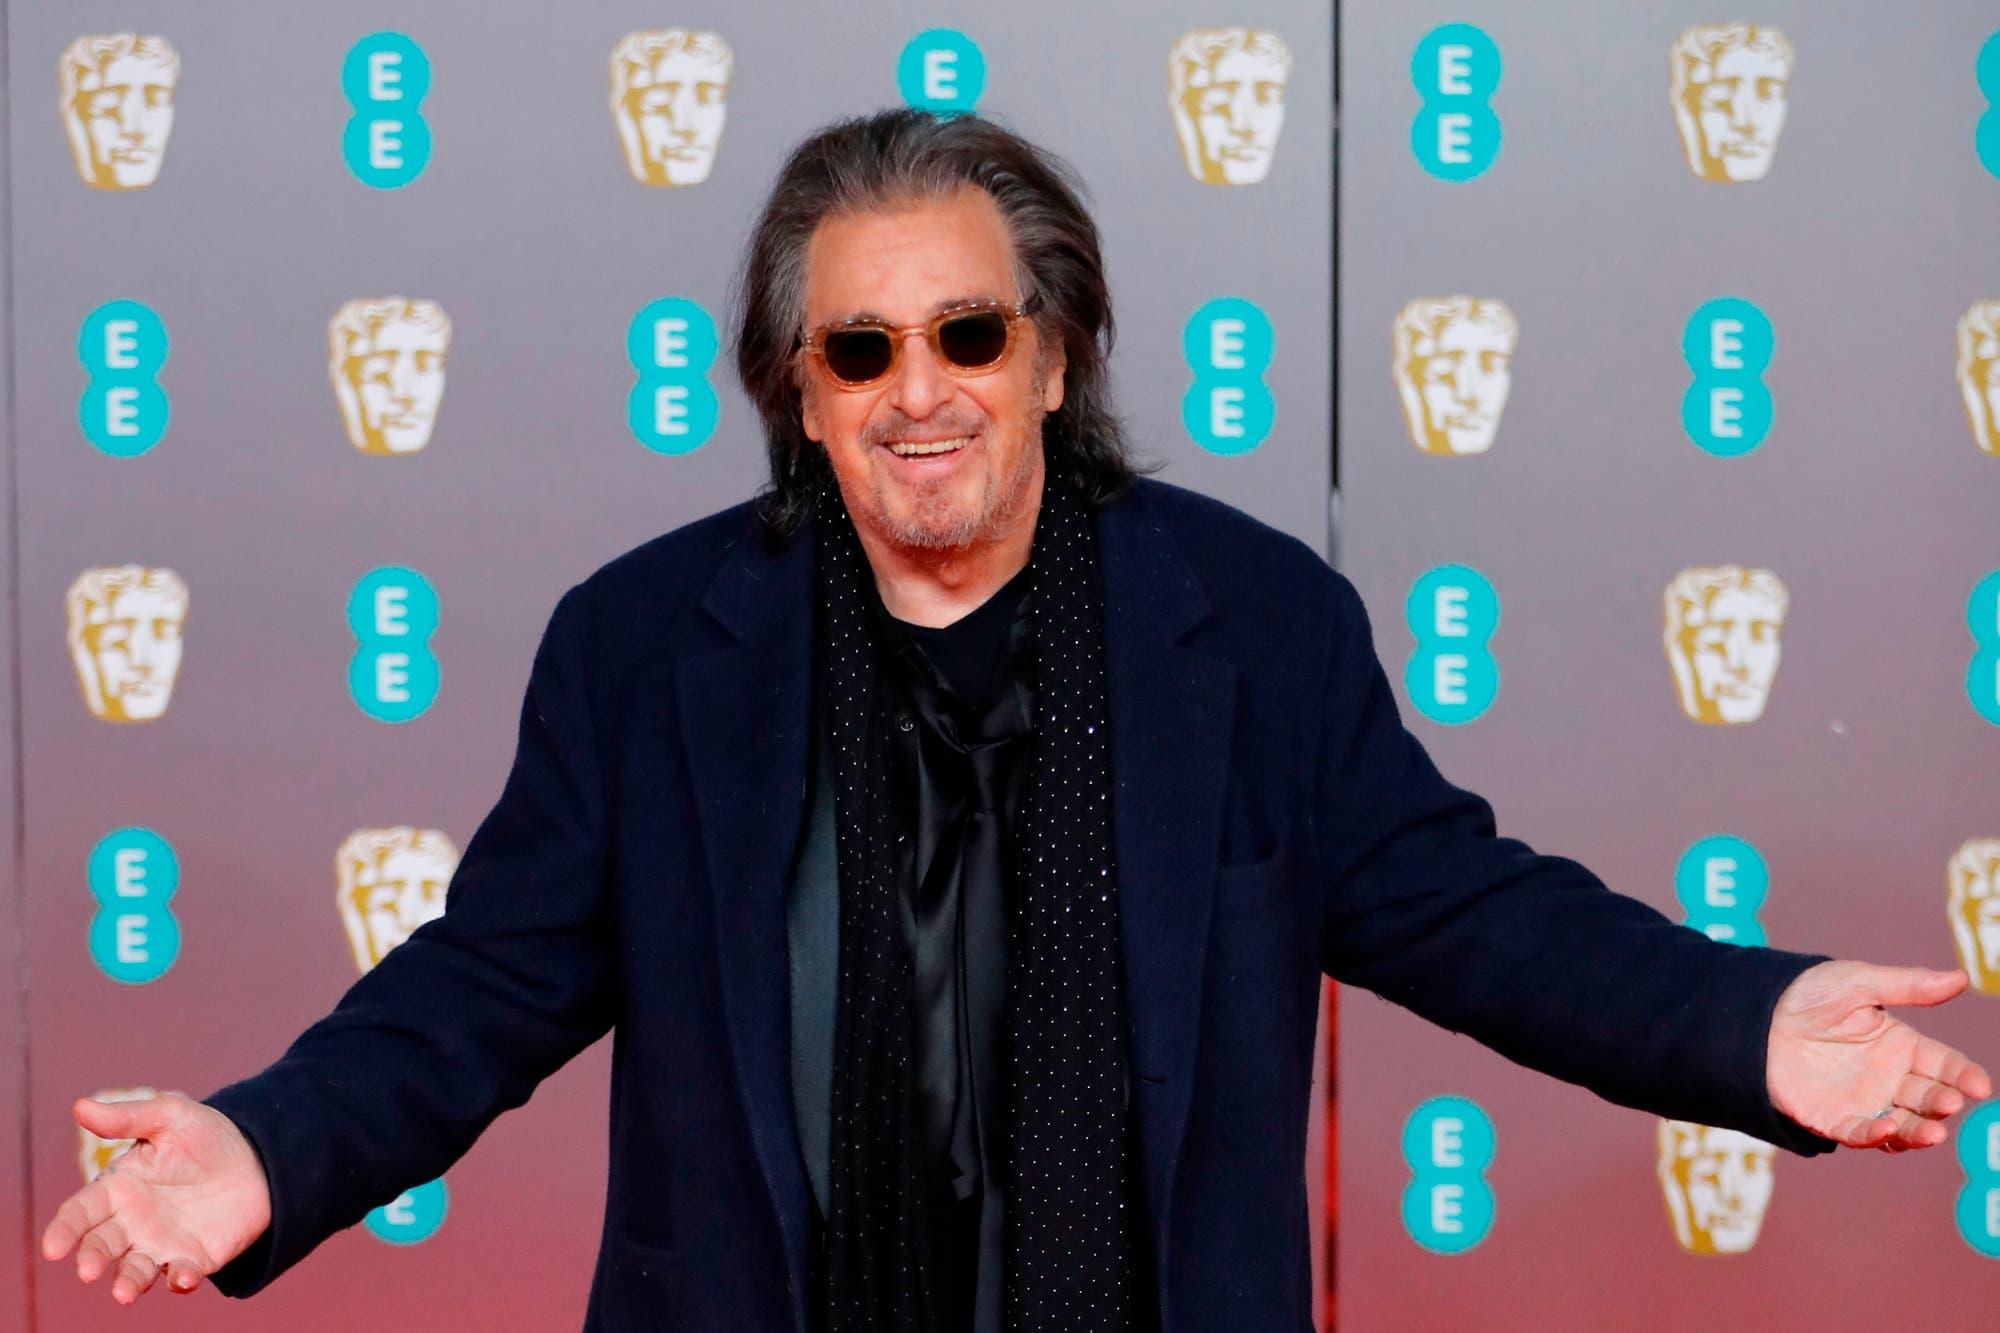 Un susto: Al Pacino se cayó en la alfombra roja de los Premios BAFTA